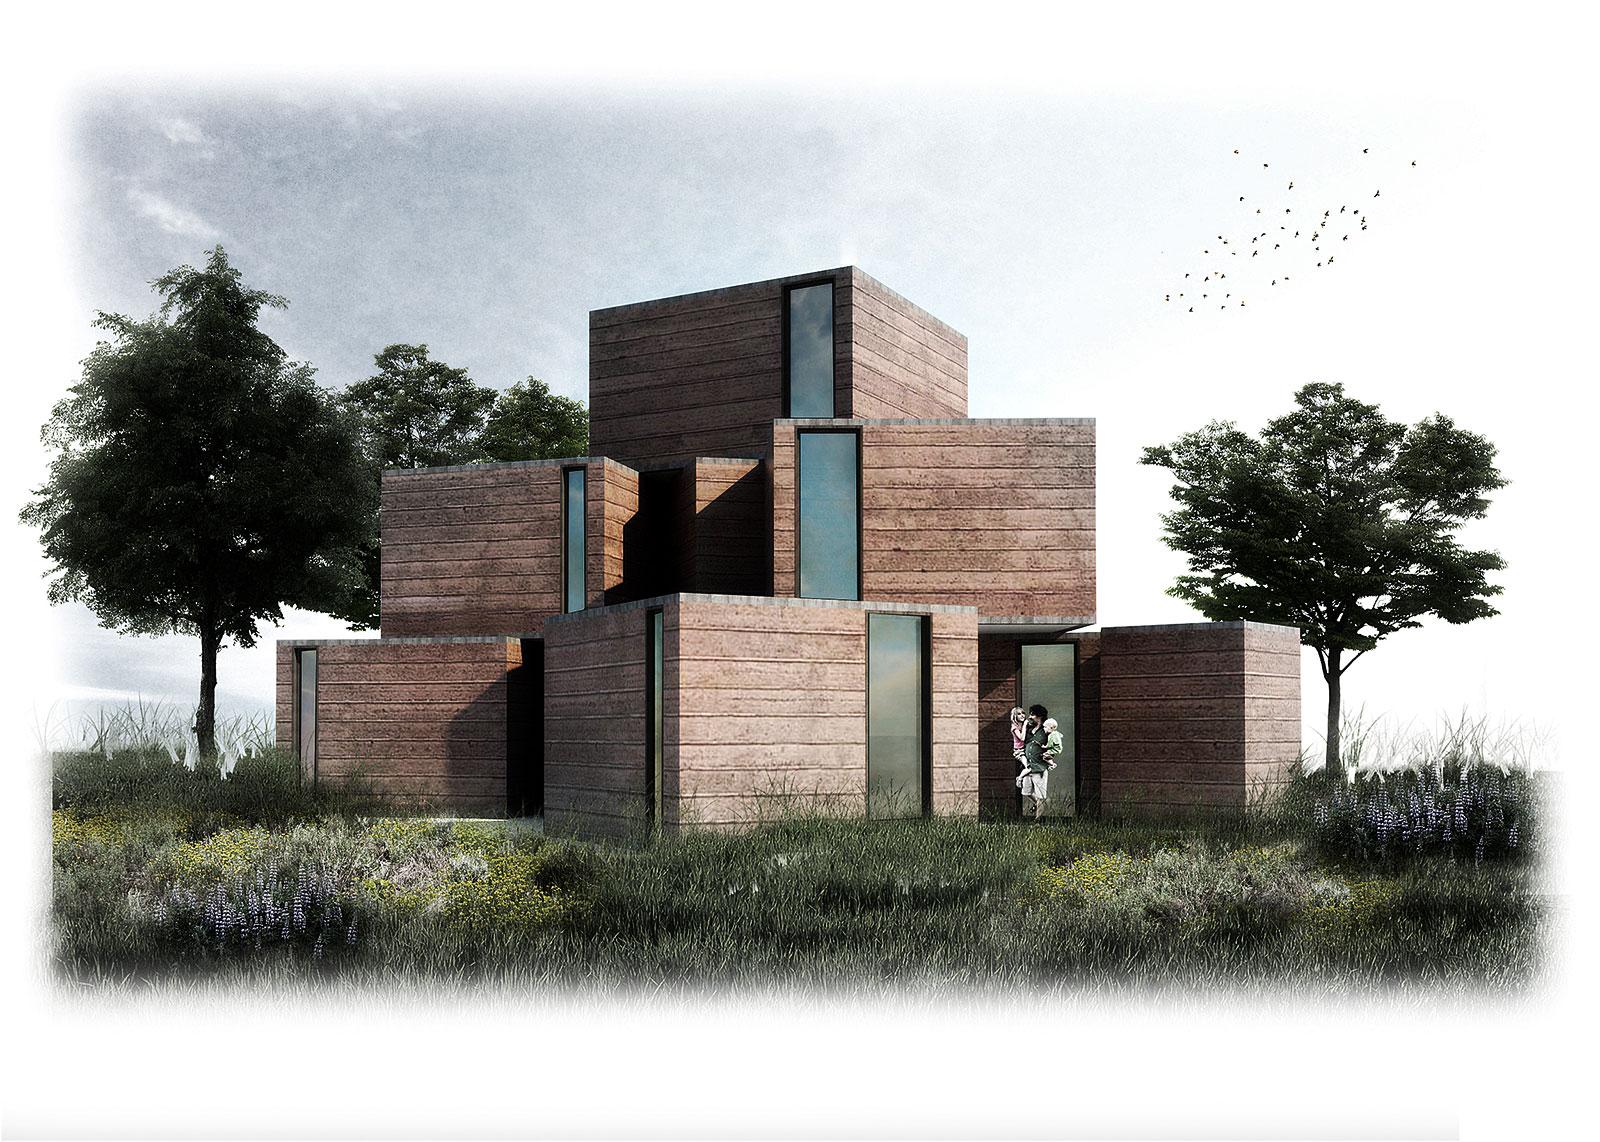 Maison de l 39 afrique oualalouchoi for Angelina maison de l afrique